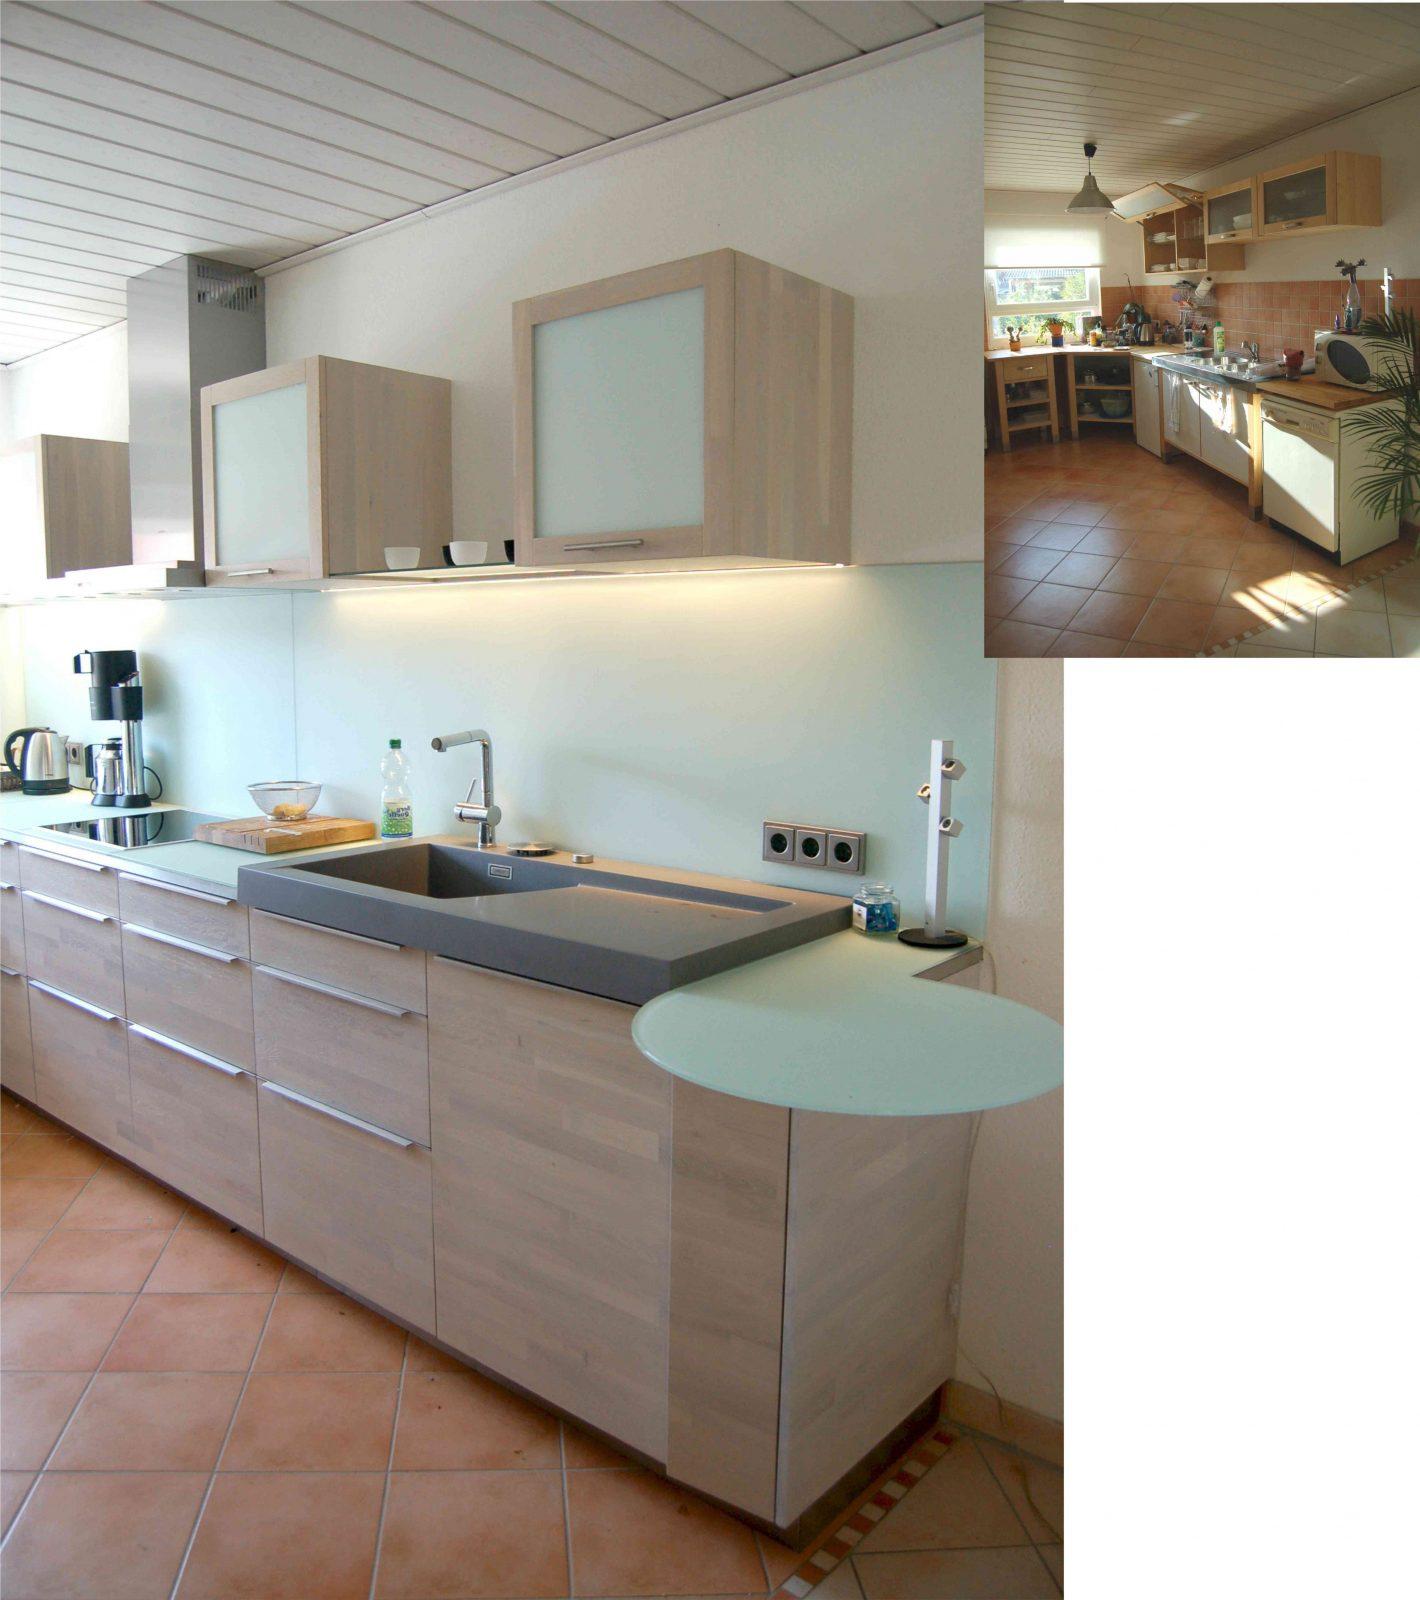 Küche Neu Gestalten Renovieren Liebenswert Beautiful Moderne von Küche Neu Gestalten Renovieren Photo